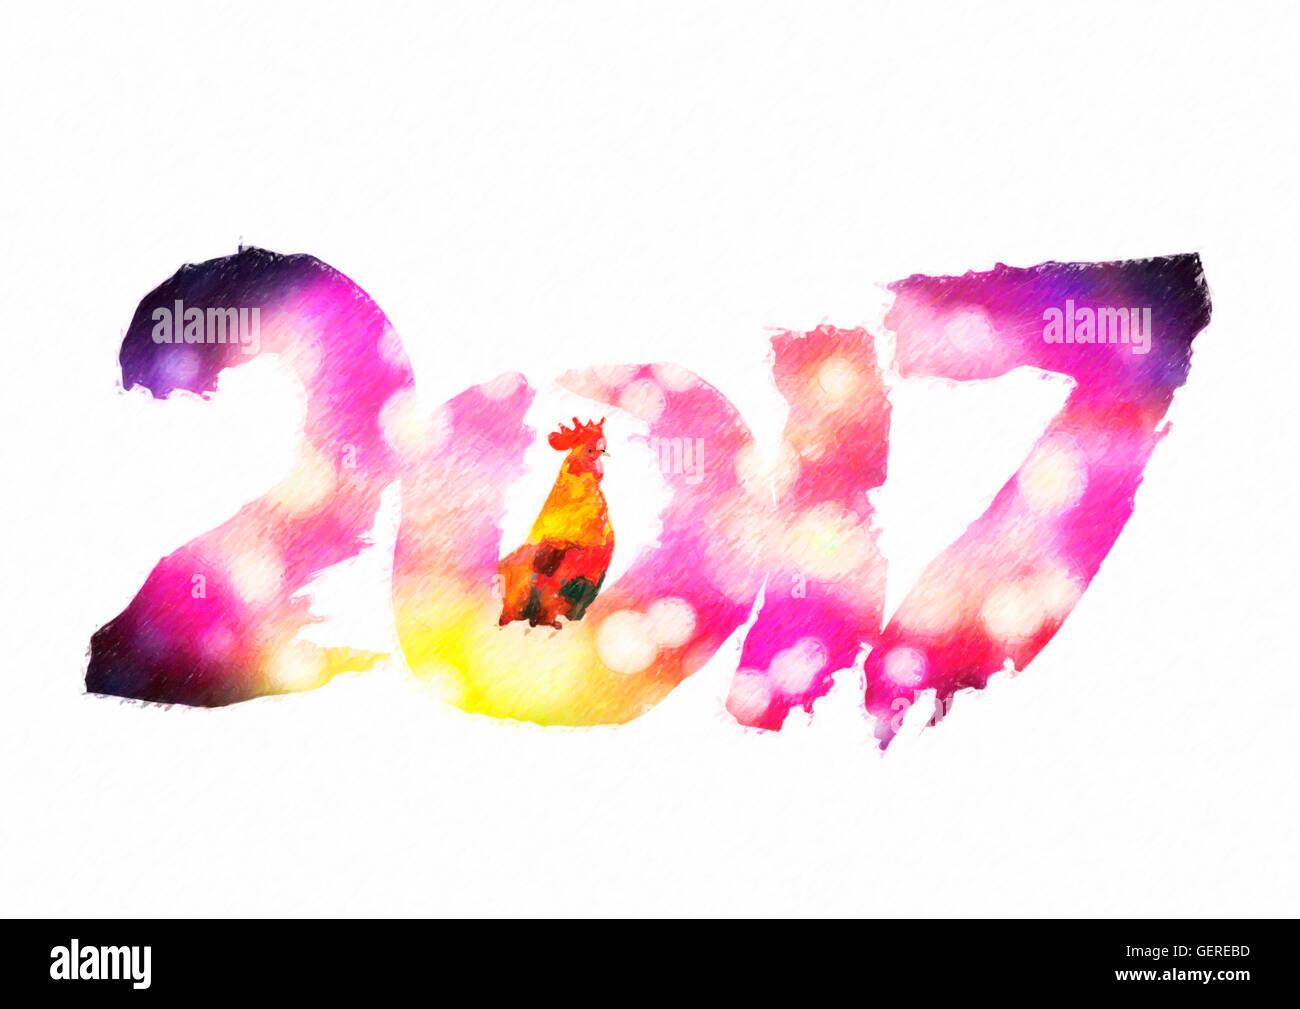 Neue 2017 - Jahr des Feuer-Hahns im chinesischen Kalender. Zahlen ...